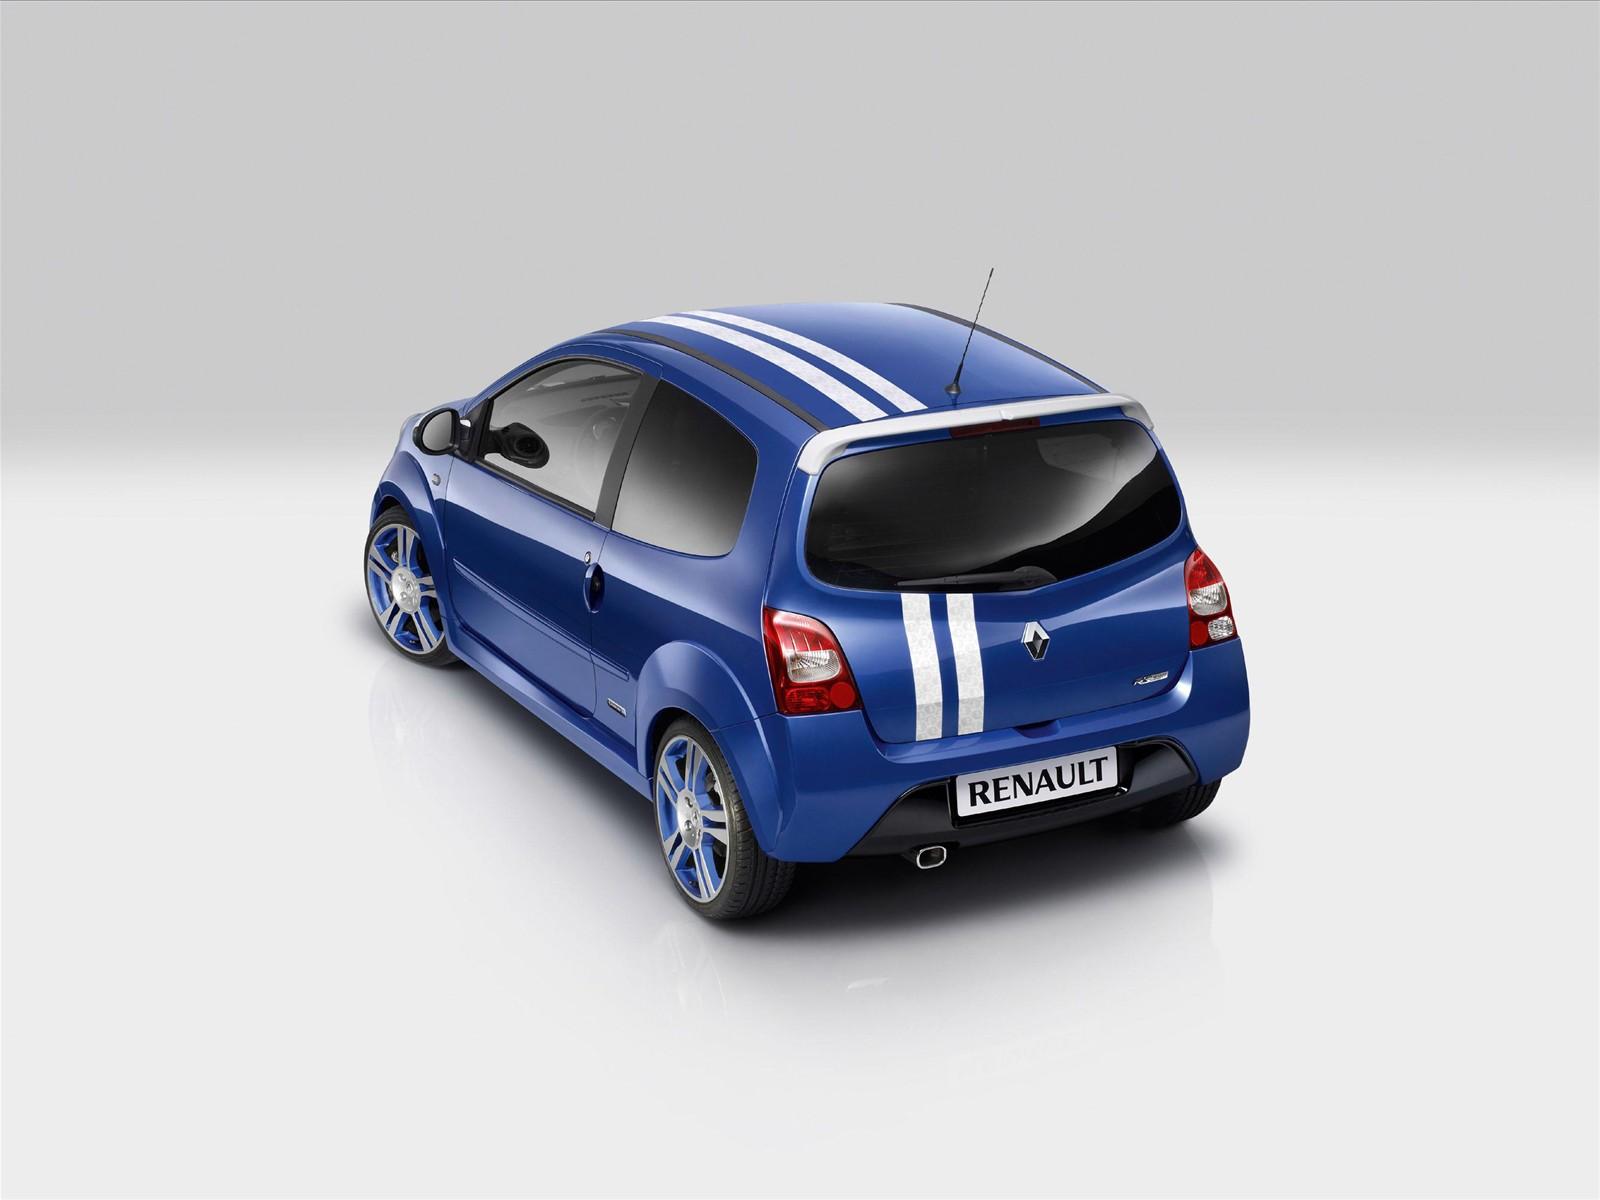 http://3.bp.blogspot.com/-l2UvGGLK5UQ/TcwLk4JZGiI/AAAAAAAACow/zkseNEXN4jk/s1600/Renault+Twingo+Gordini+R.S+2010+pics.jpg